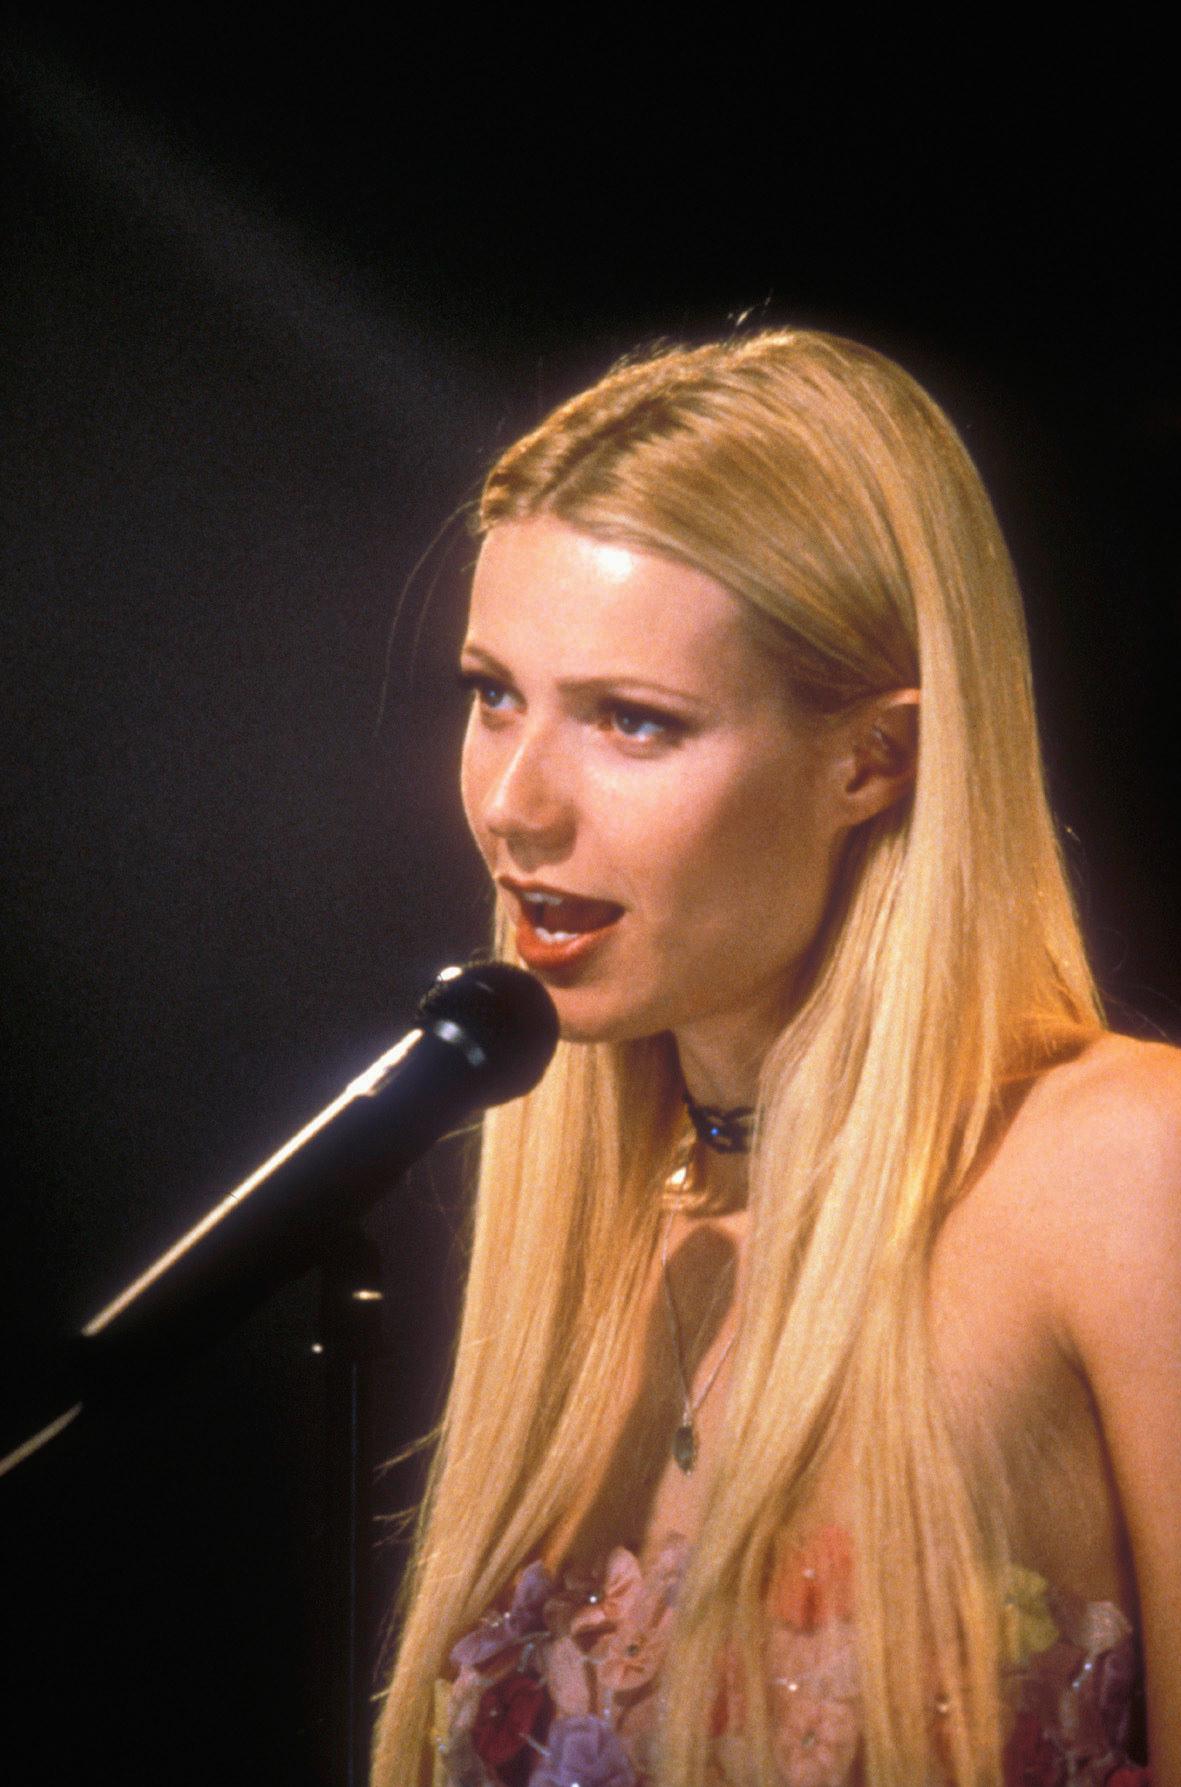 DUETS, Gwyneth Paltrow, 2000